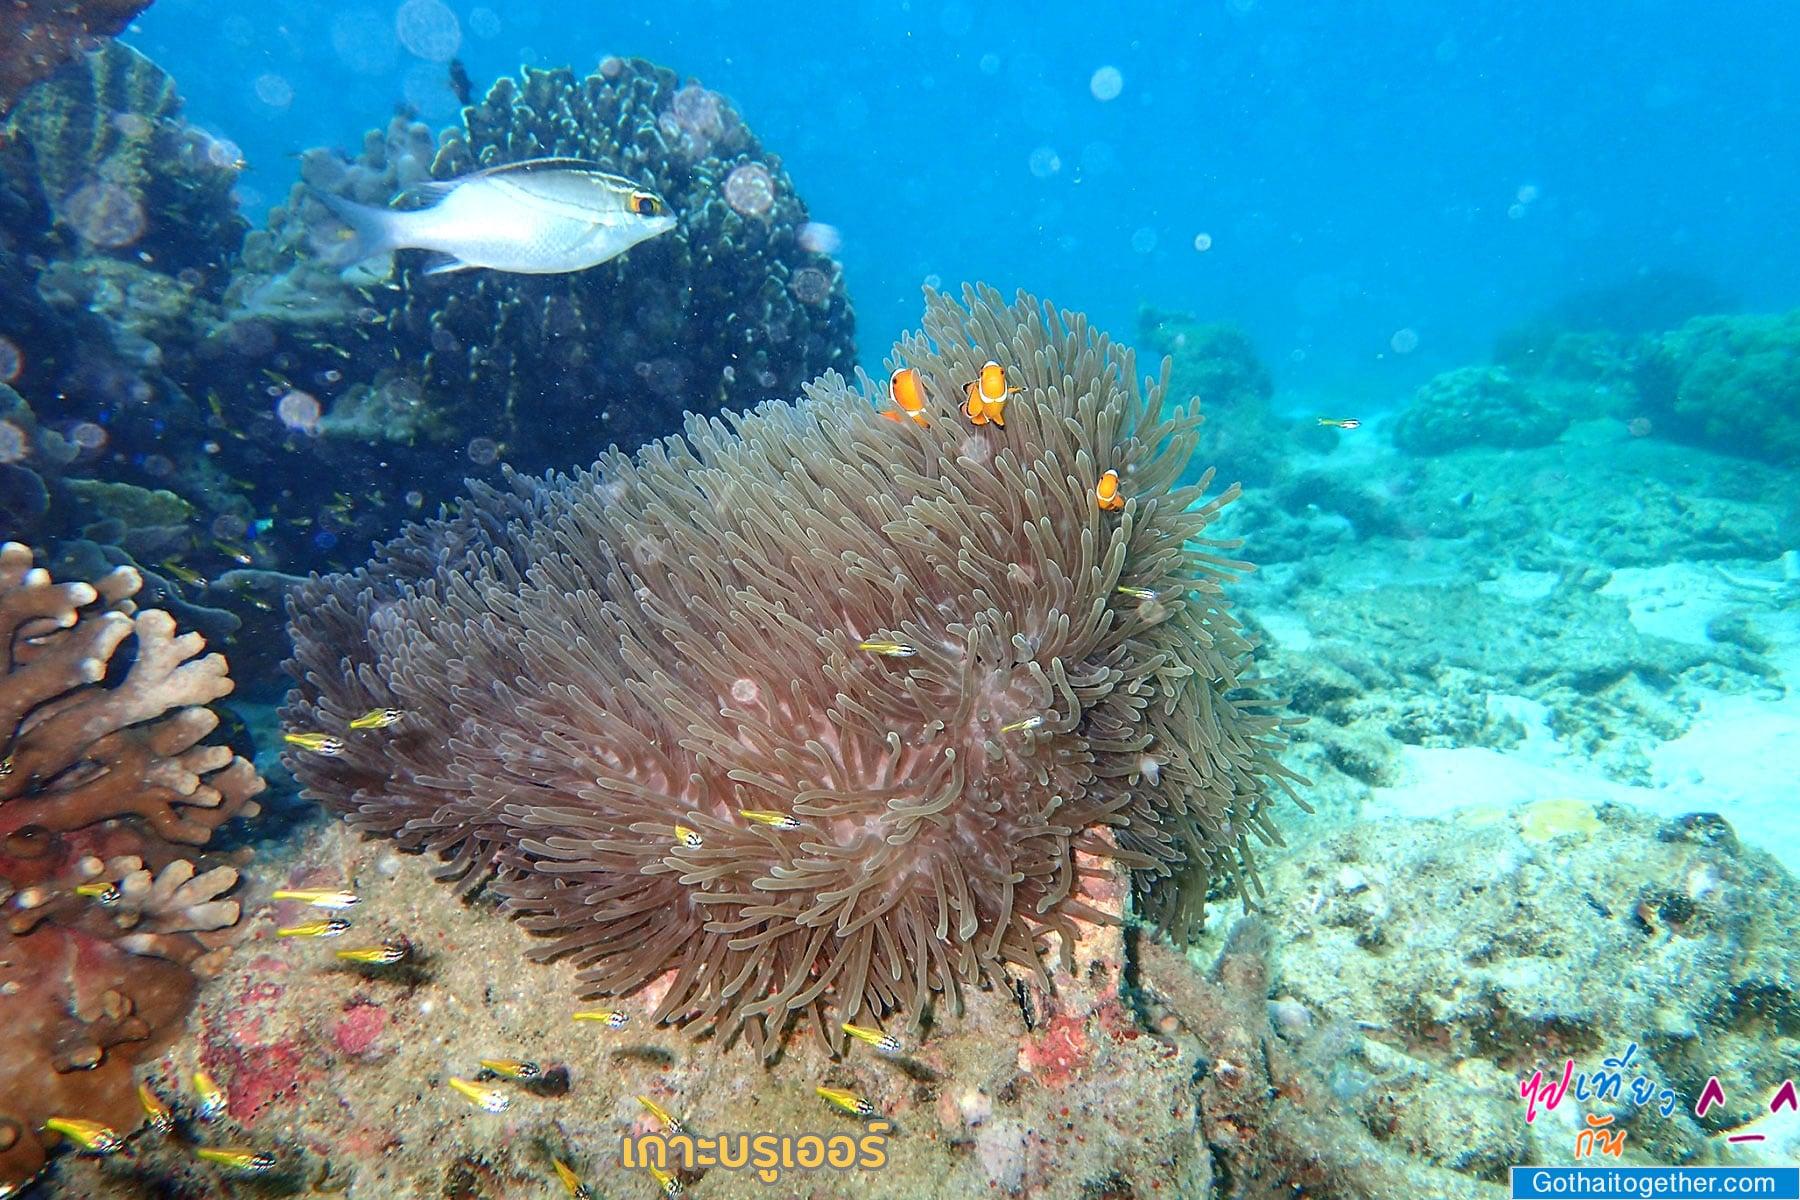 เกาะบรูเออร์ โลกใต้ทะเล สดใหม่ อันสวยงาม สายดำน้ำควรต้องมาเช็คอิน 48